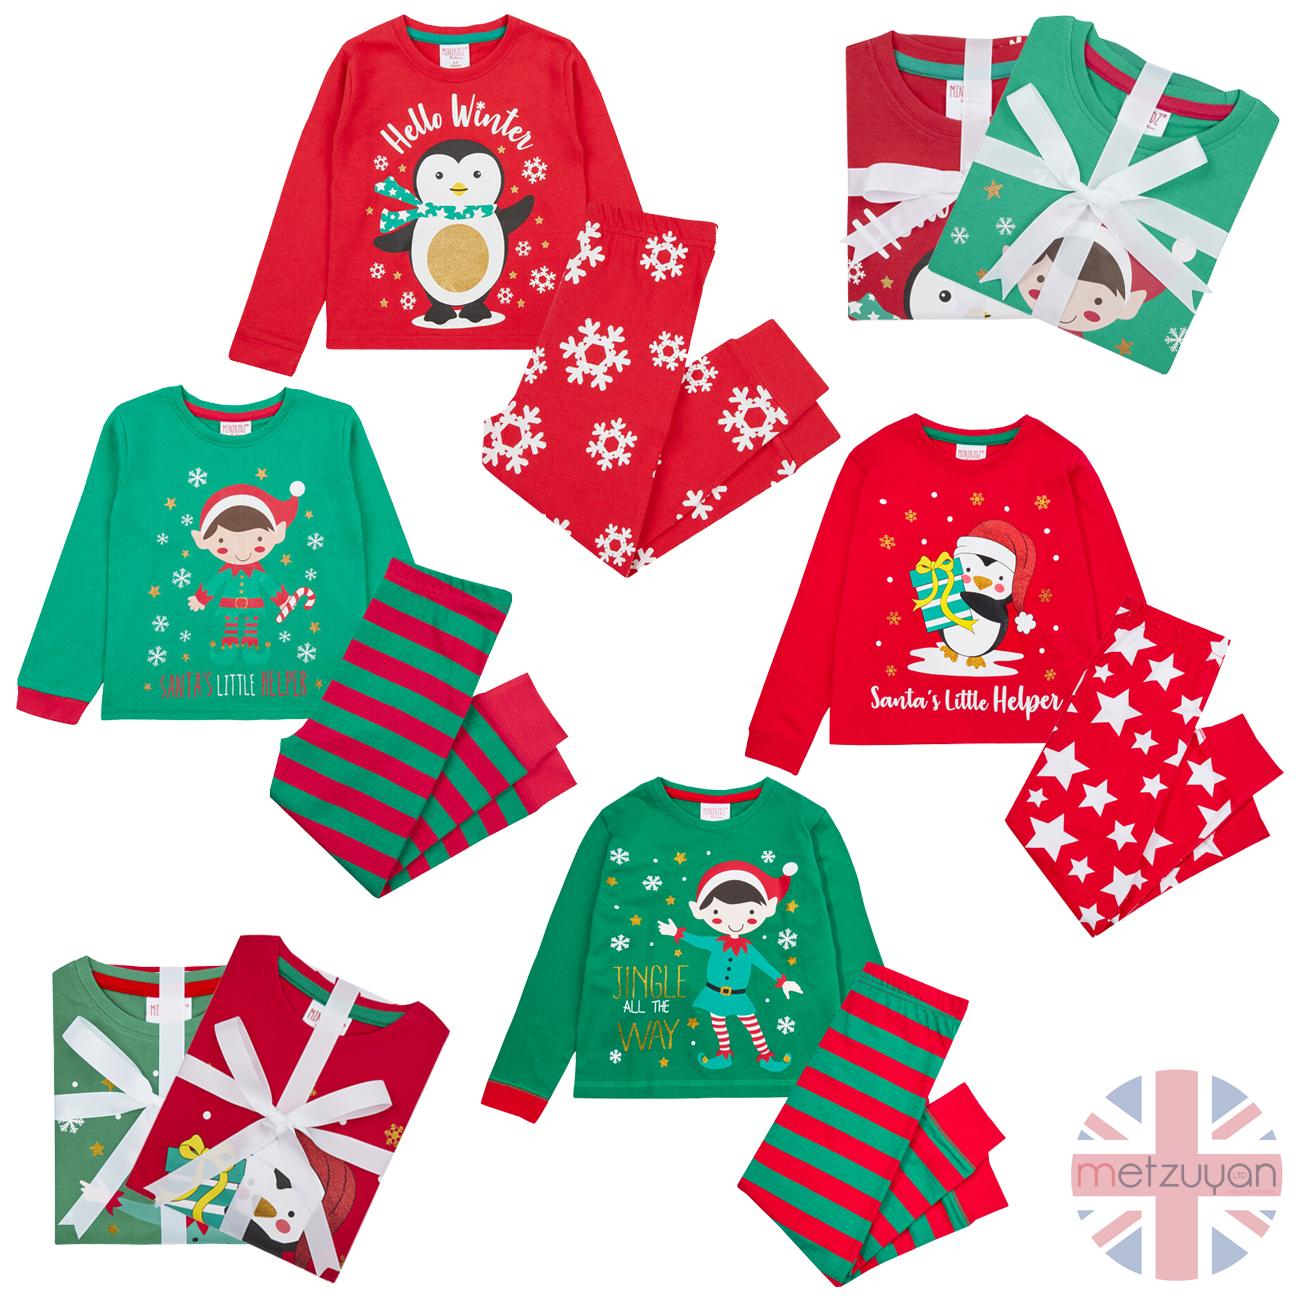 YISHOW Retro Waving Santa Funny Crew Socks